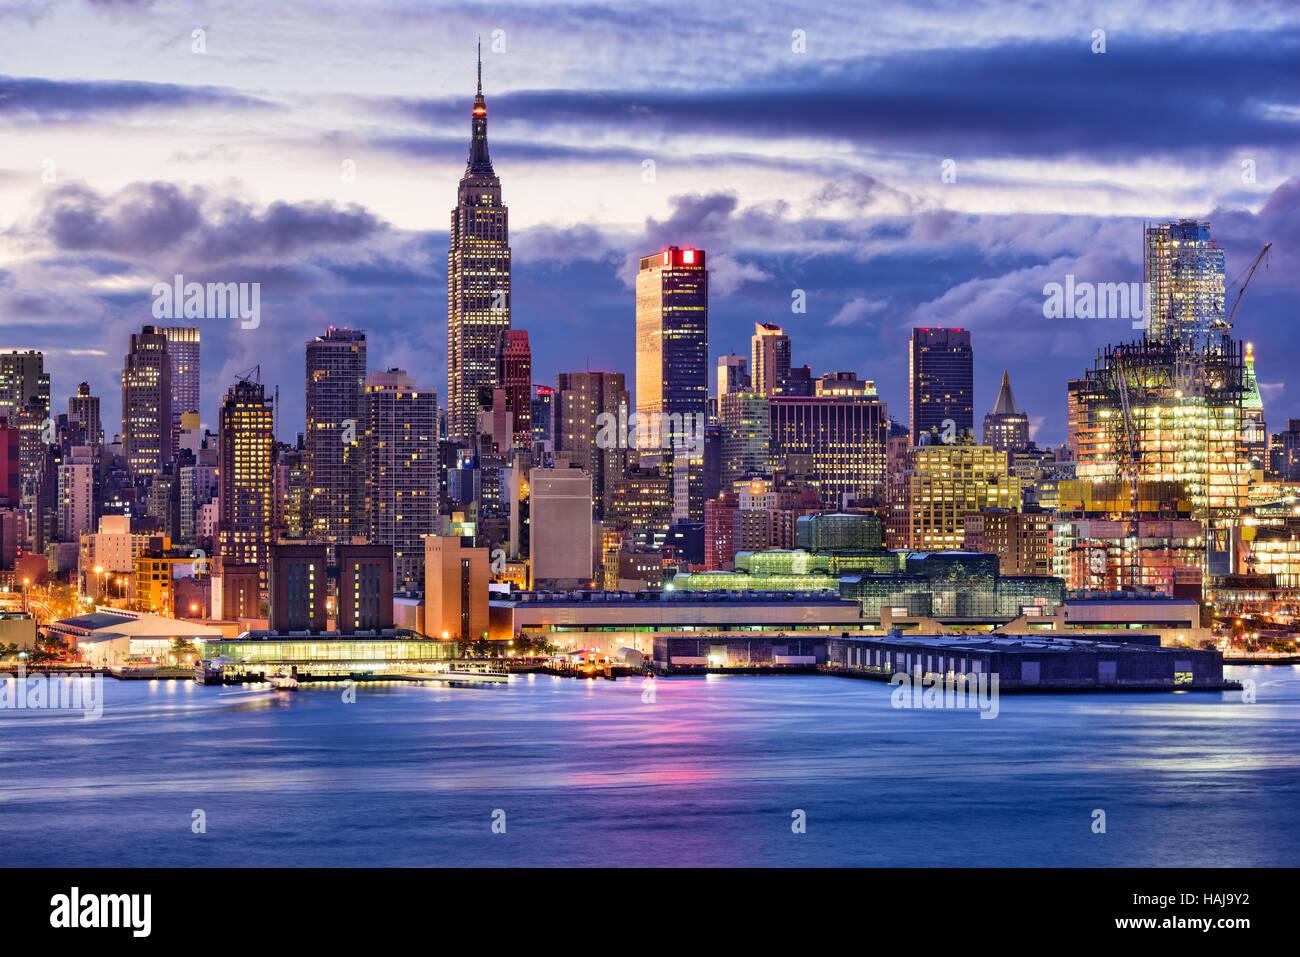 La Ciudad de Nueva York Midtown Manhattan, cruzando el río Hudson. Imagen De Stock